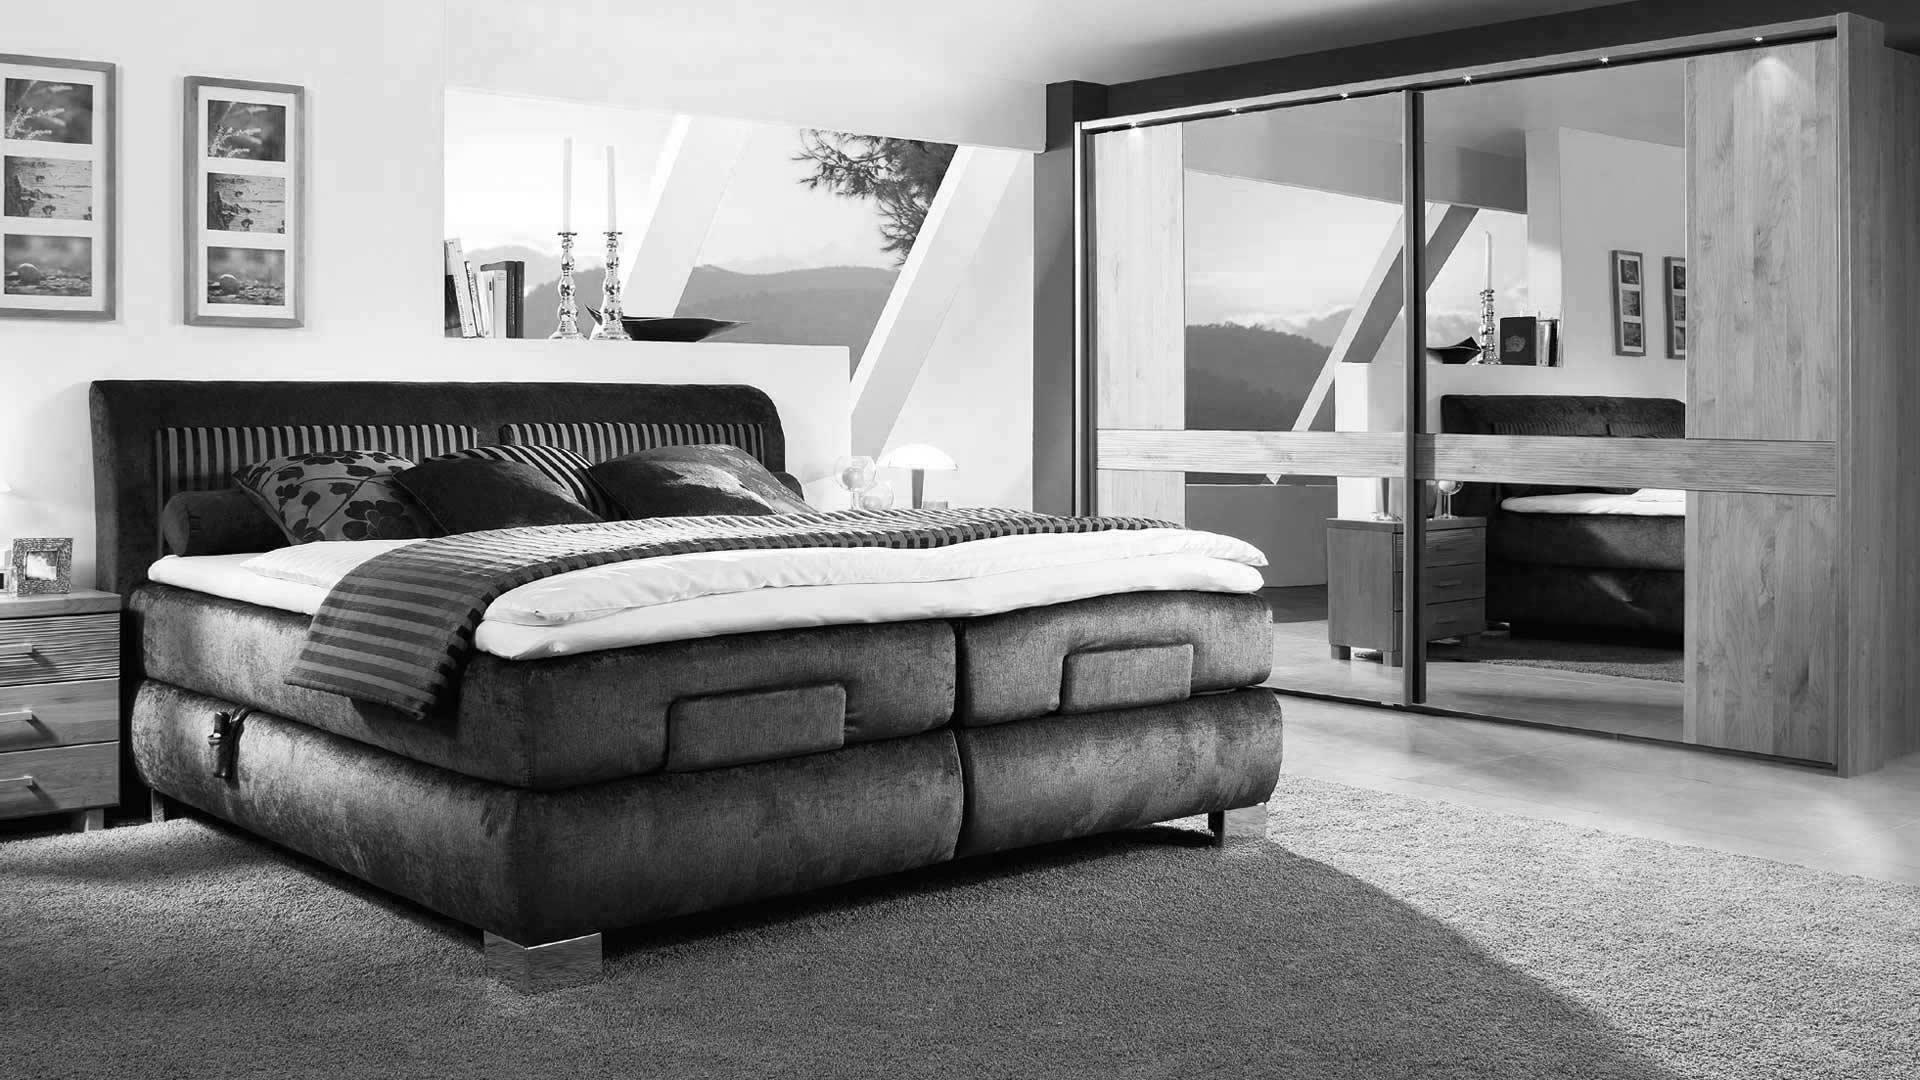 mbel wassermann sessel mbel hersteller herrlich mbel gtepass mbel wassermann memmingen kempten. Black Bedroom Furniture Sets. Home Design Ideas